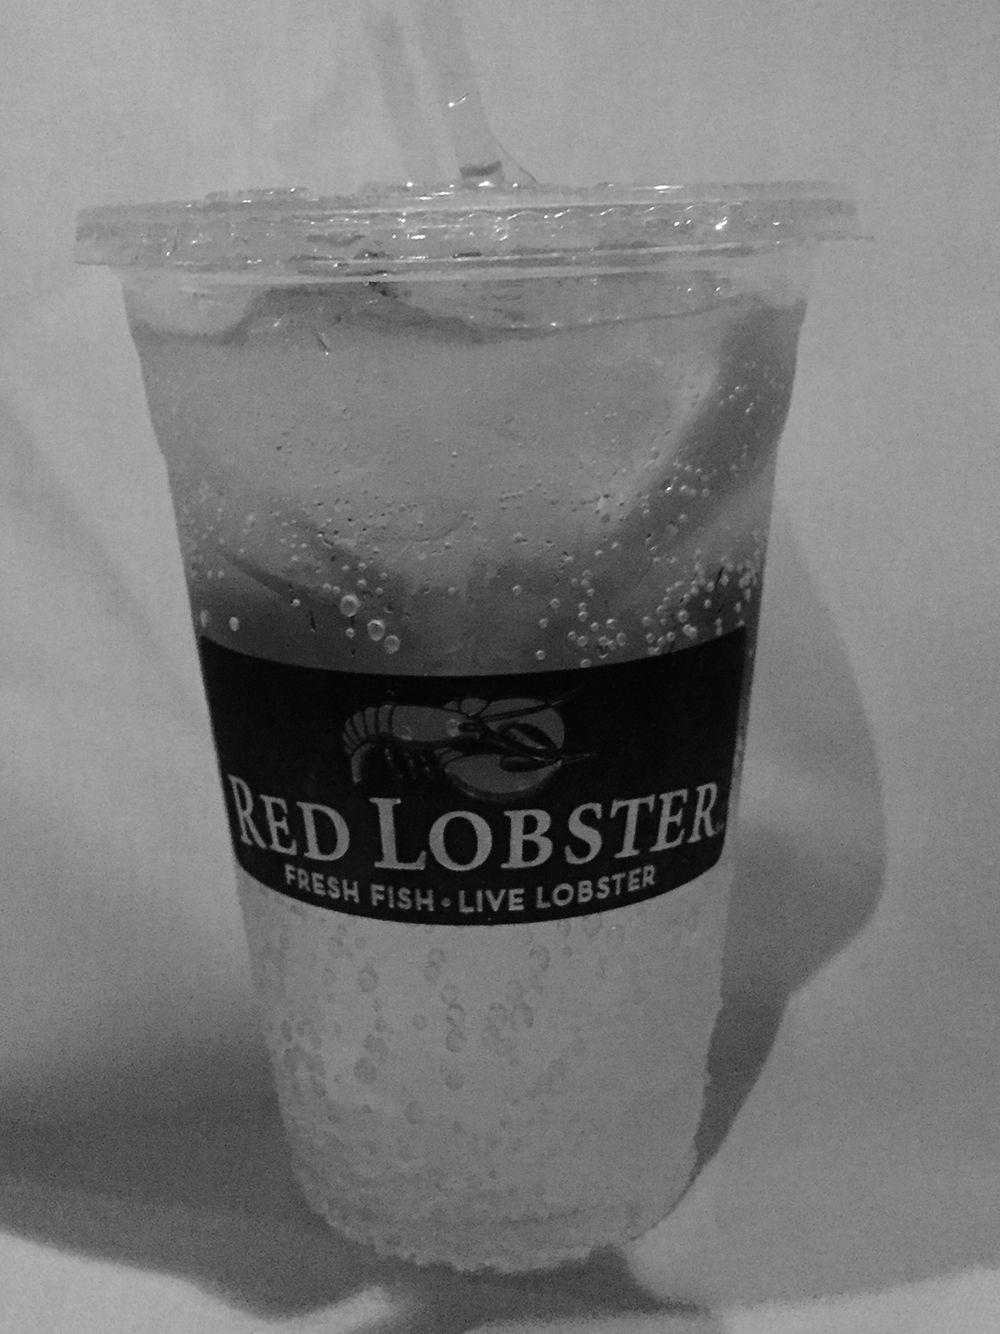 Red Lobster Colorblind Meme